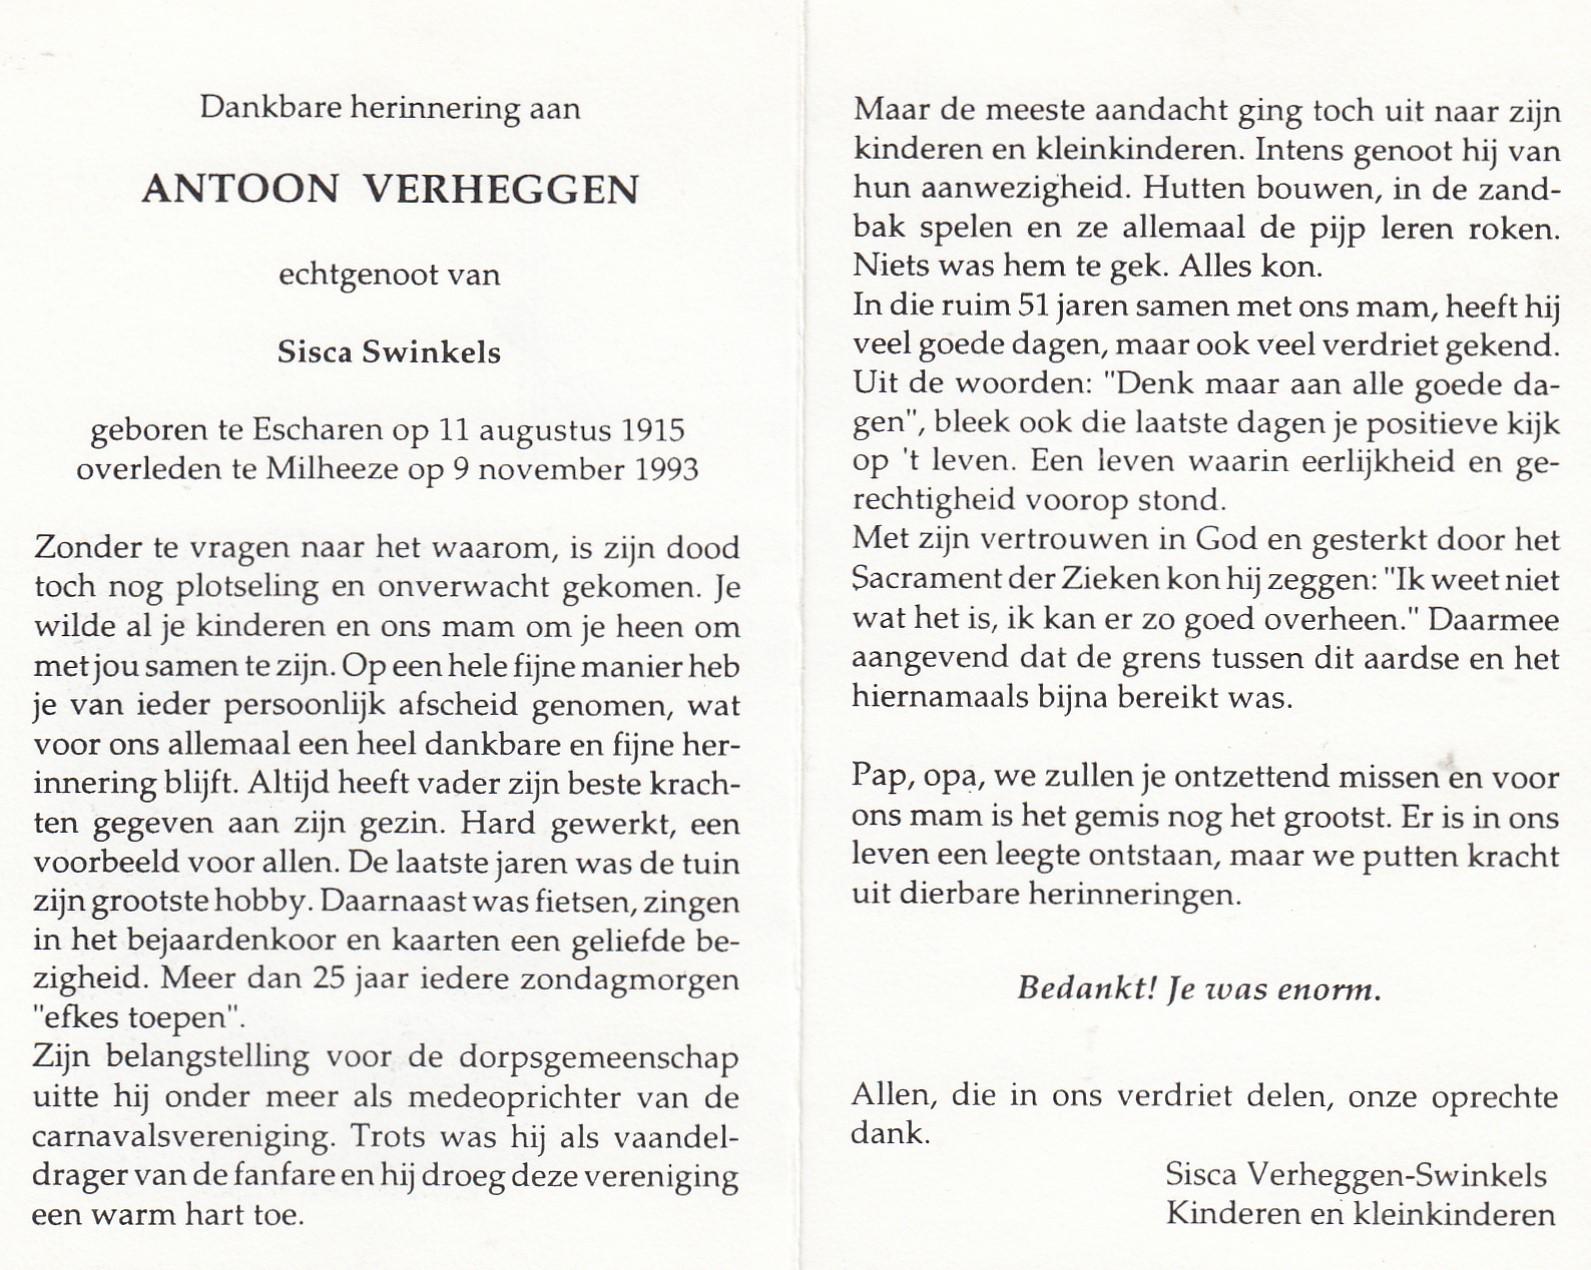 Bidprentje Antoon Verheggen